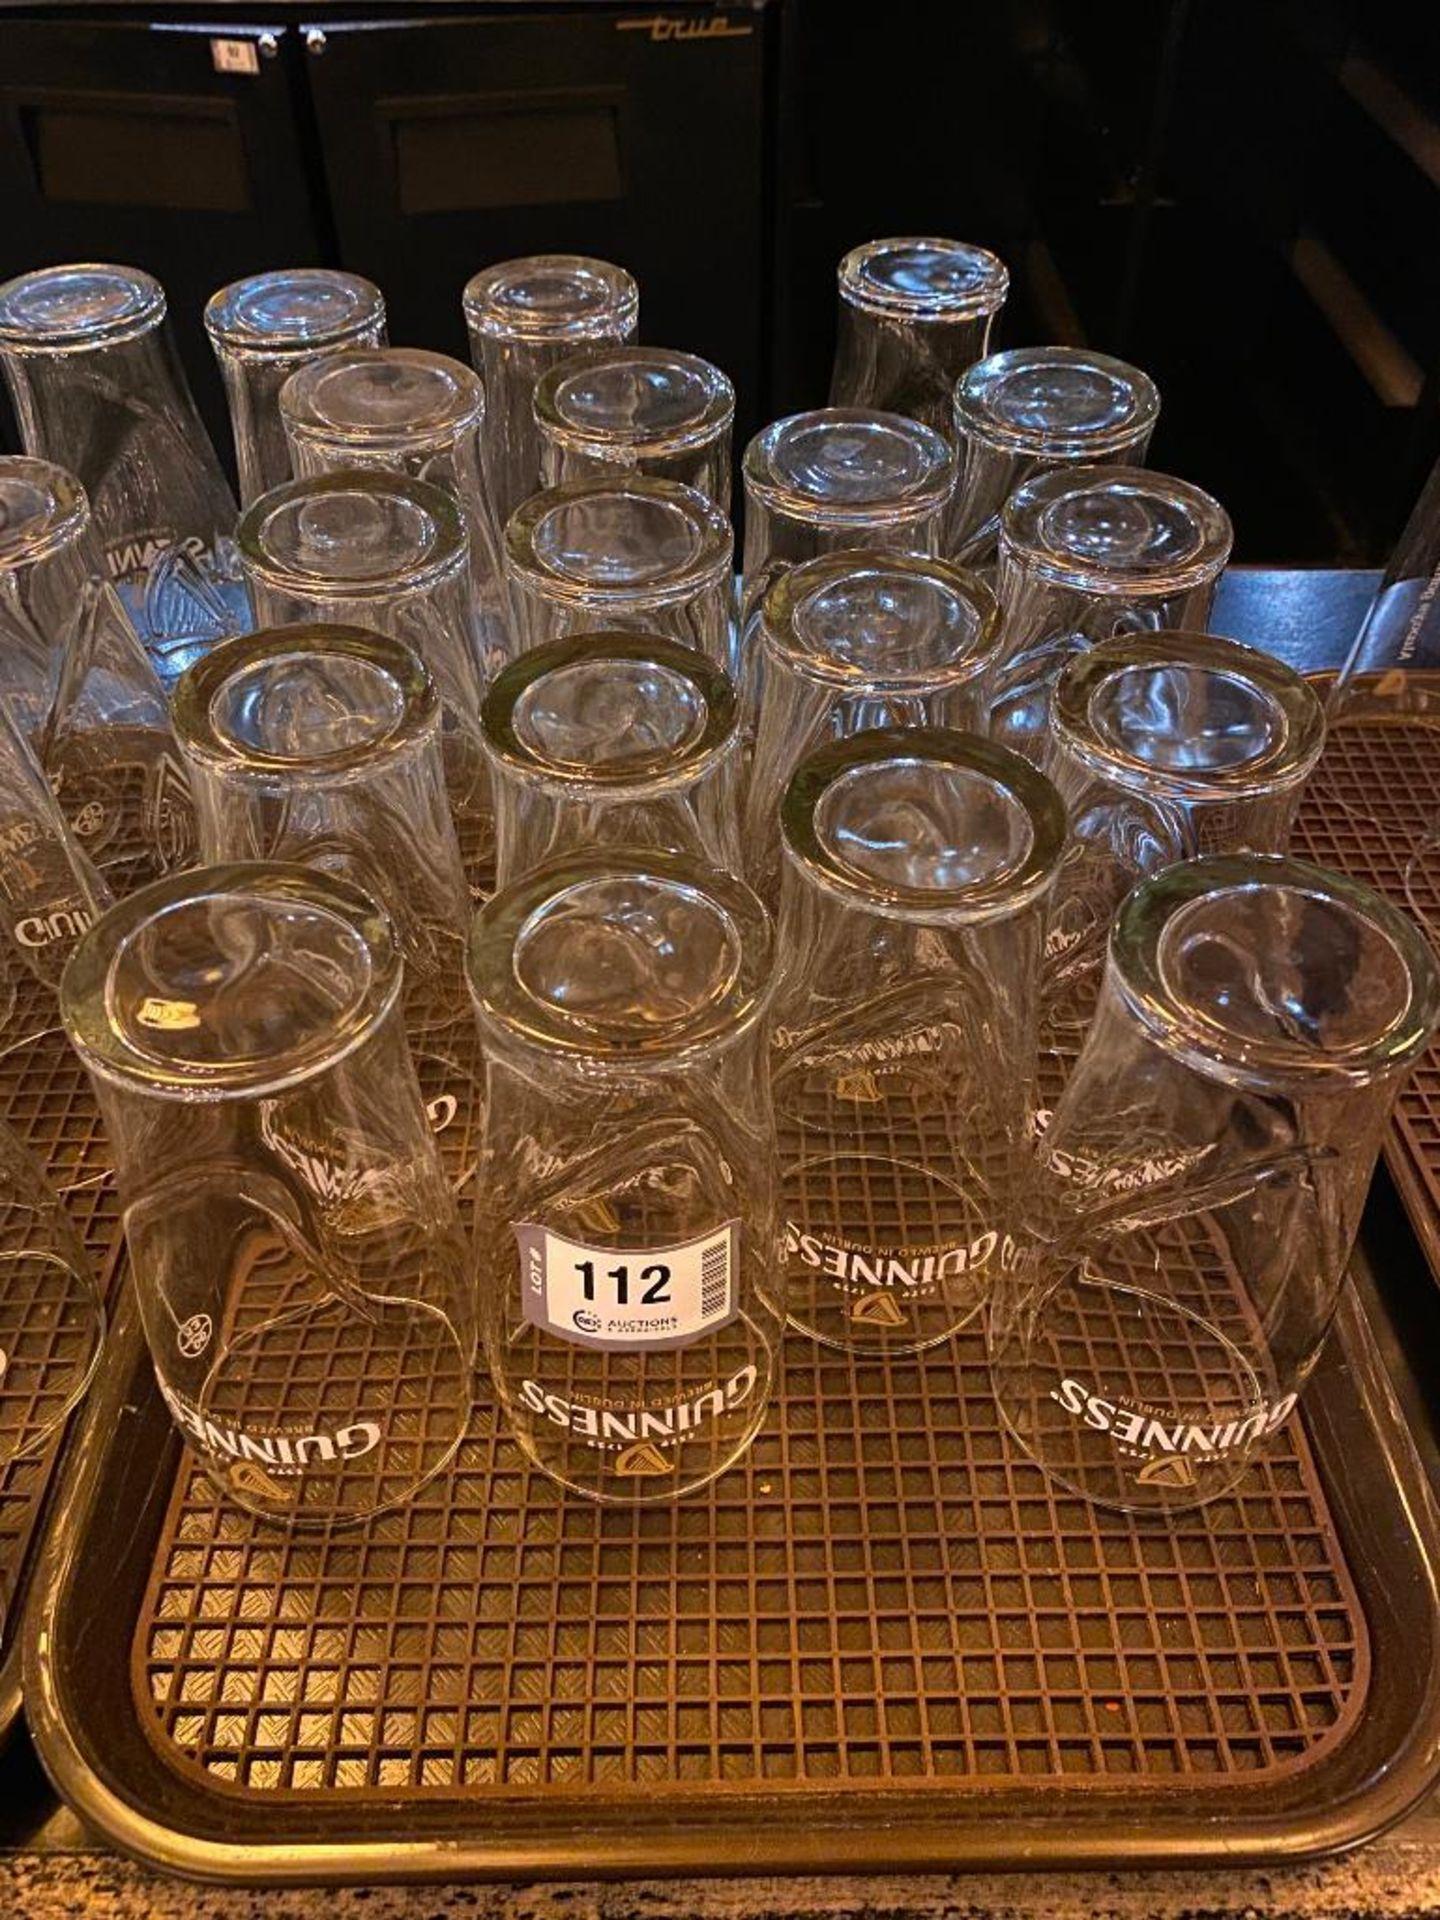 """3 DOZEN GUINNESS """"BREWED IN DUBLIN"""" PINT GLASSES - Image 2 of 3"""